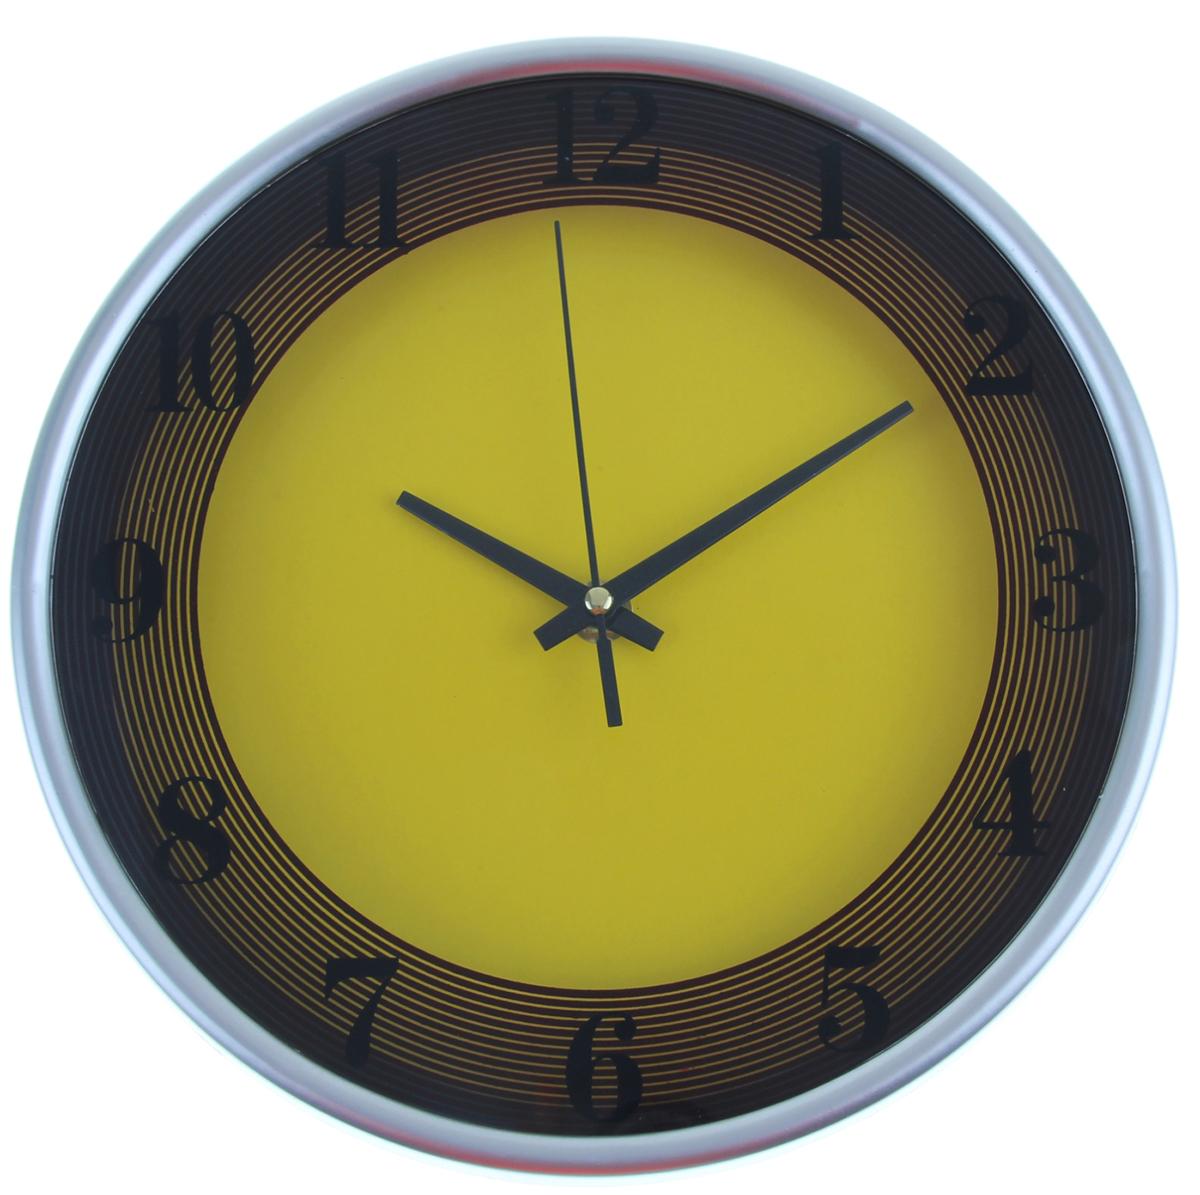 """Каждому хозяину периодически приходит мысль обновить свою квартиру, сделать ремонт, перестановку или кардинально поменять внешний вид каждой комнаты. Часы настенные круглые """"Два цвета"""", d=24,5 см, желто-коричневые — привлекательная деталь, которая поможет воплотить вашу интерьерную идею, создать неповторимую атмосферу в вашем доме. Окружите себя приятными мелочами, пусть они радуют глаз и дарят гармонию.Часы настенные круг, рама хром тонкая, циферблат желтый d=24,5см 1031016"""